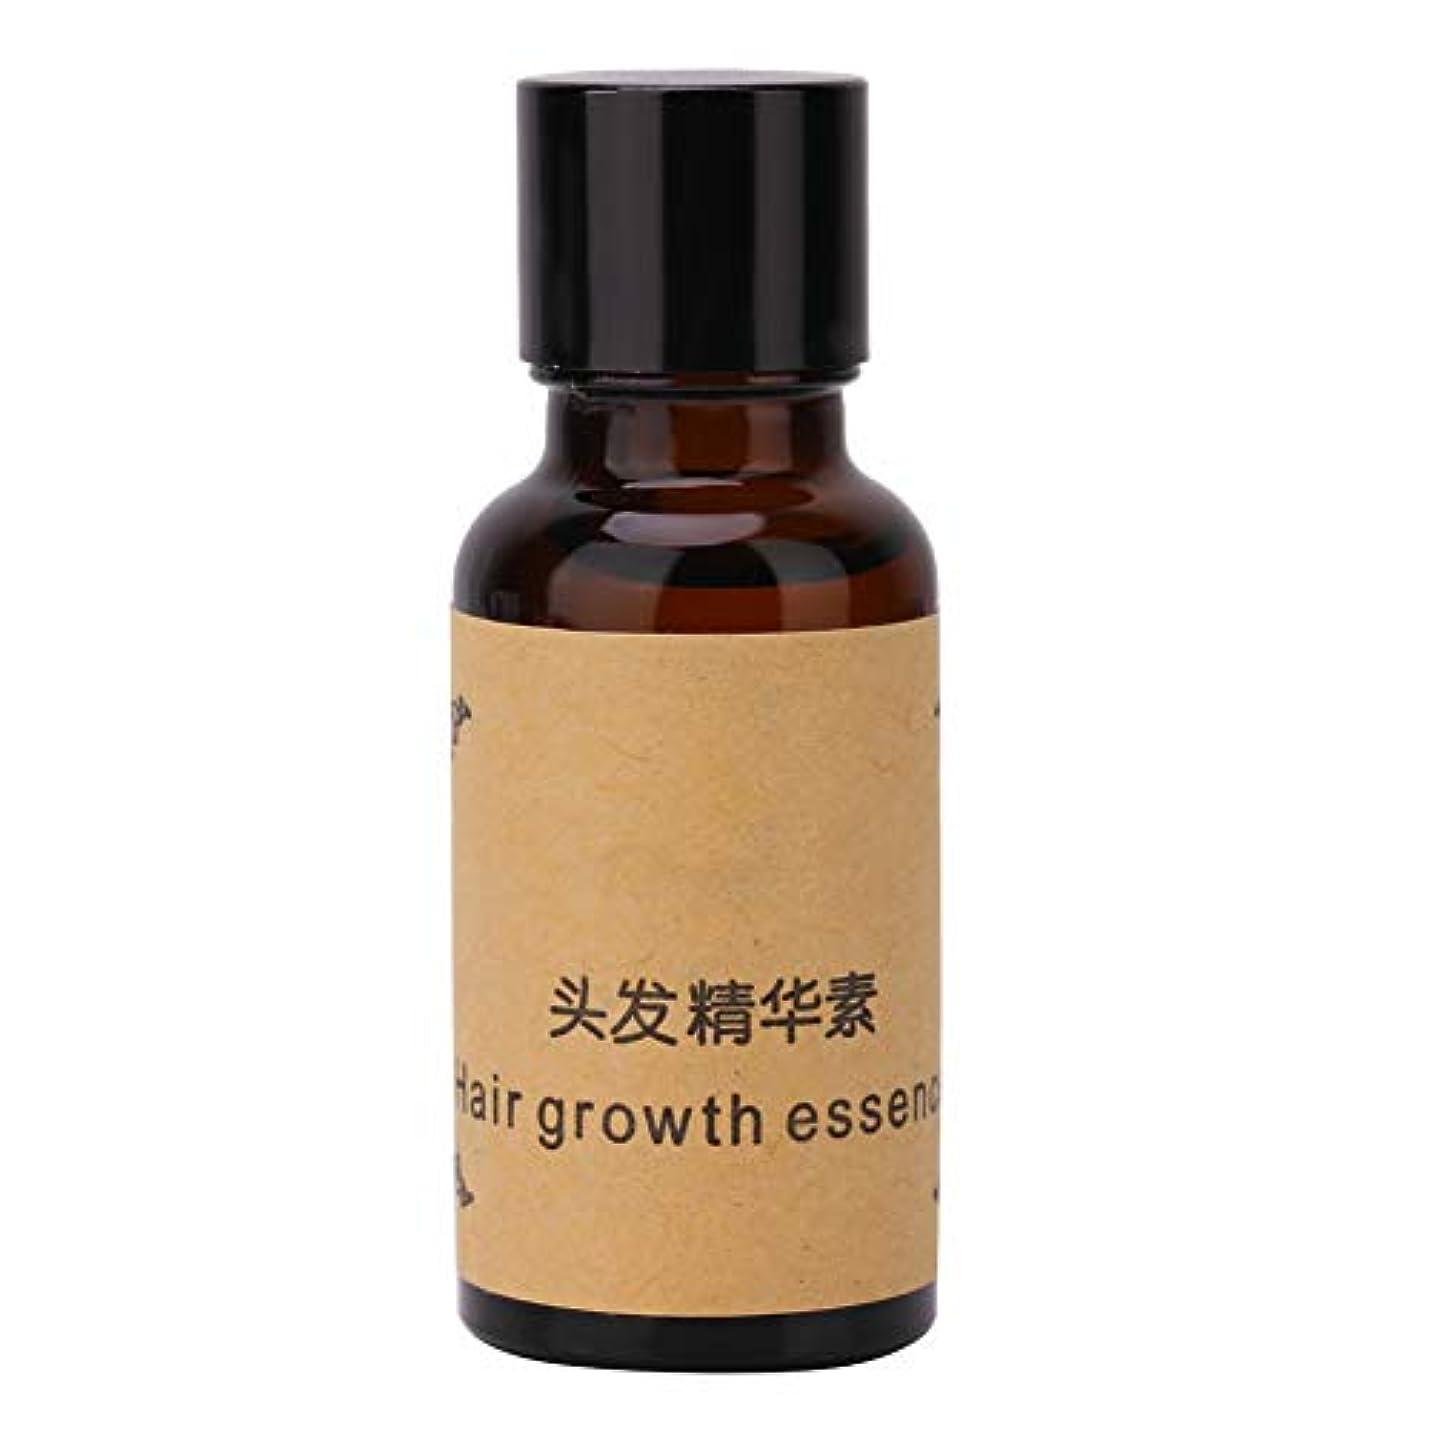 厚くする最初はスパイラルヘアケアエッセンシャルオイル、栄養補給ヘアケアエッセンシャルオイル保湿エッセンスアンチ抜け毛防止リキッド20ml